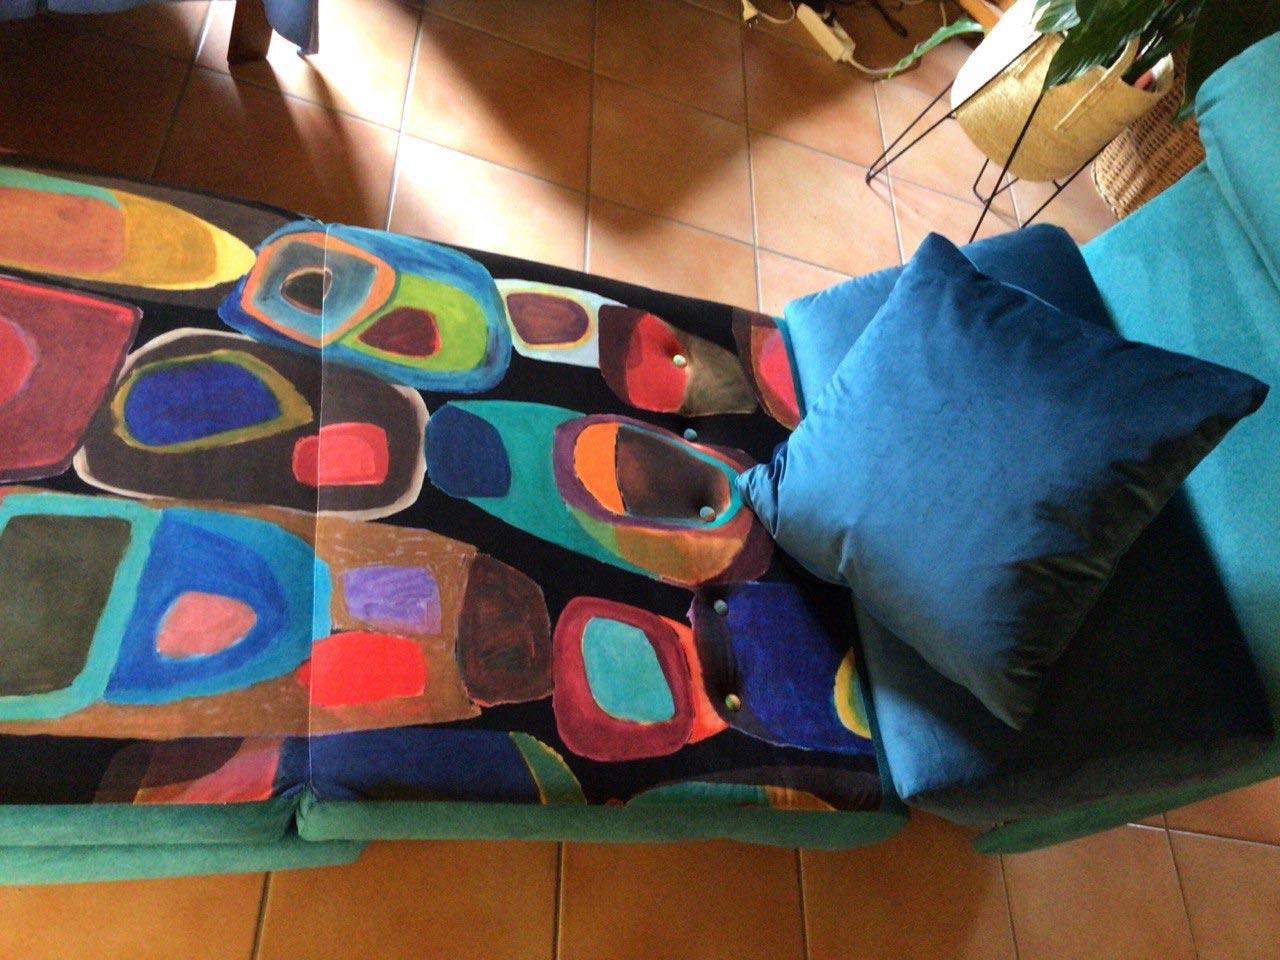 Mein-neuer-toller-Sessel-3